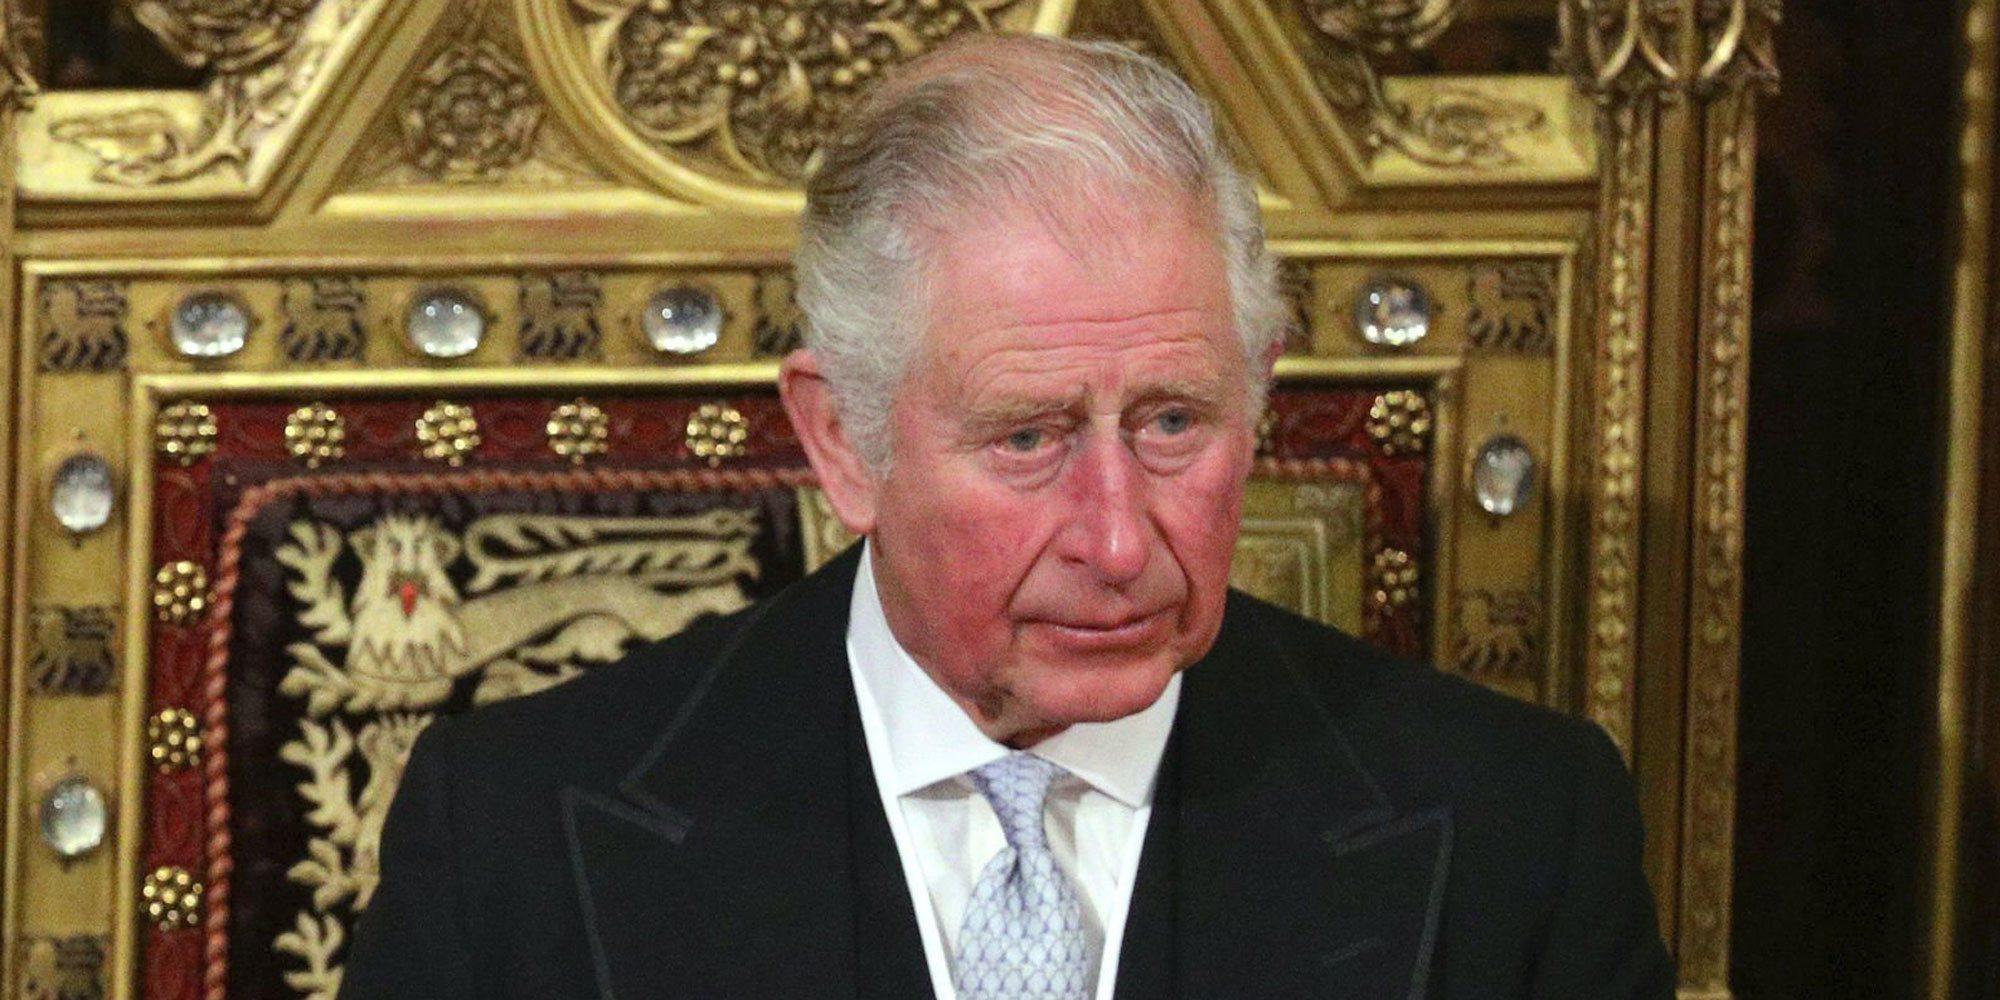 El Príncipe Carlos da positivo en coronavirus: se sometió a la prueba tras notar algunos síntomas leves